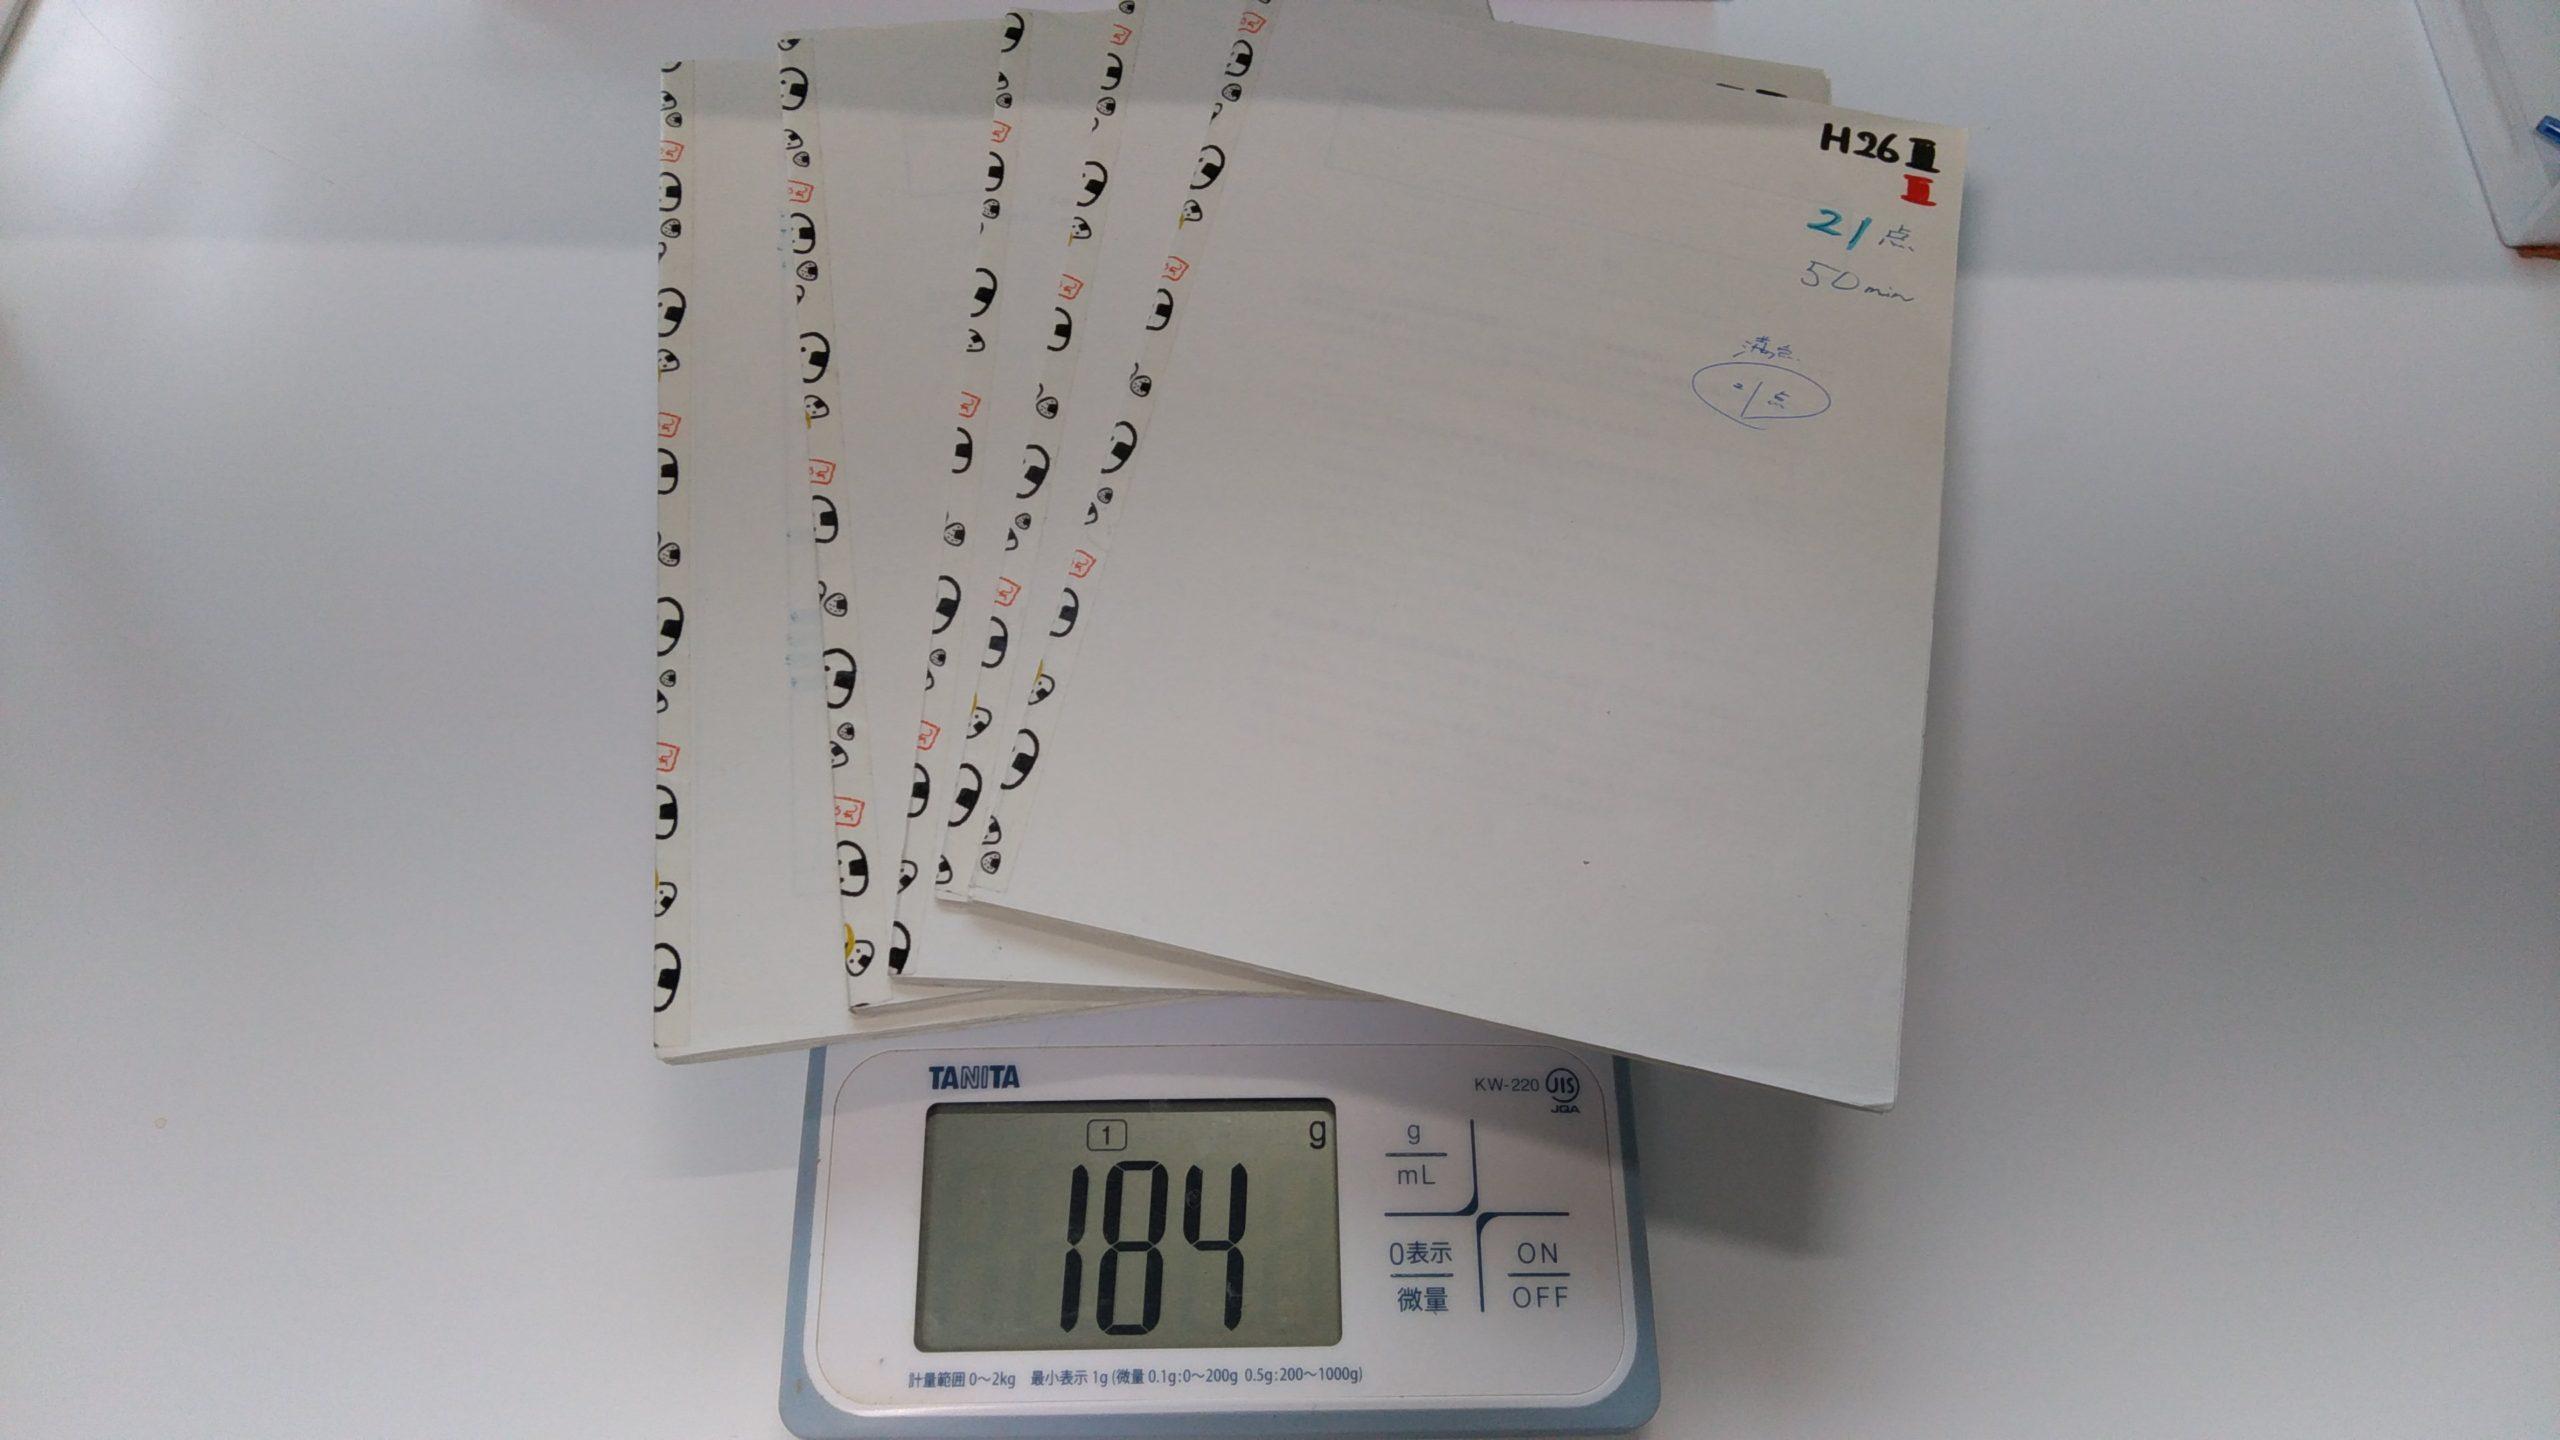 考査B自作ノート5冊分(184g)